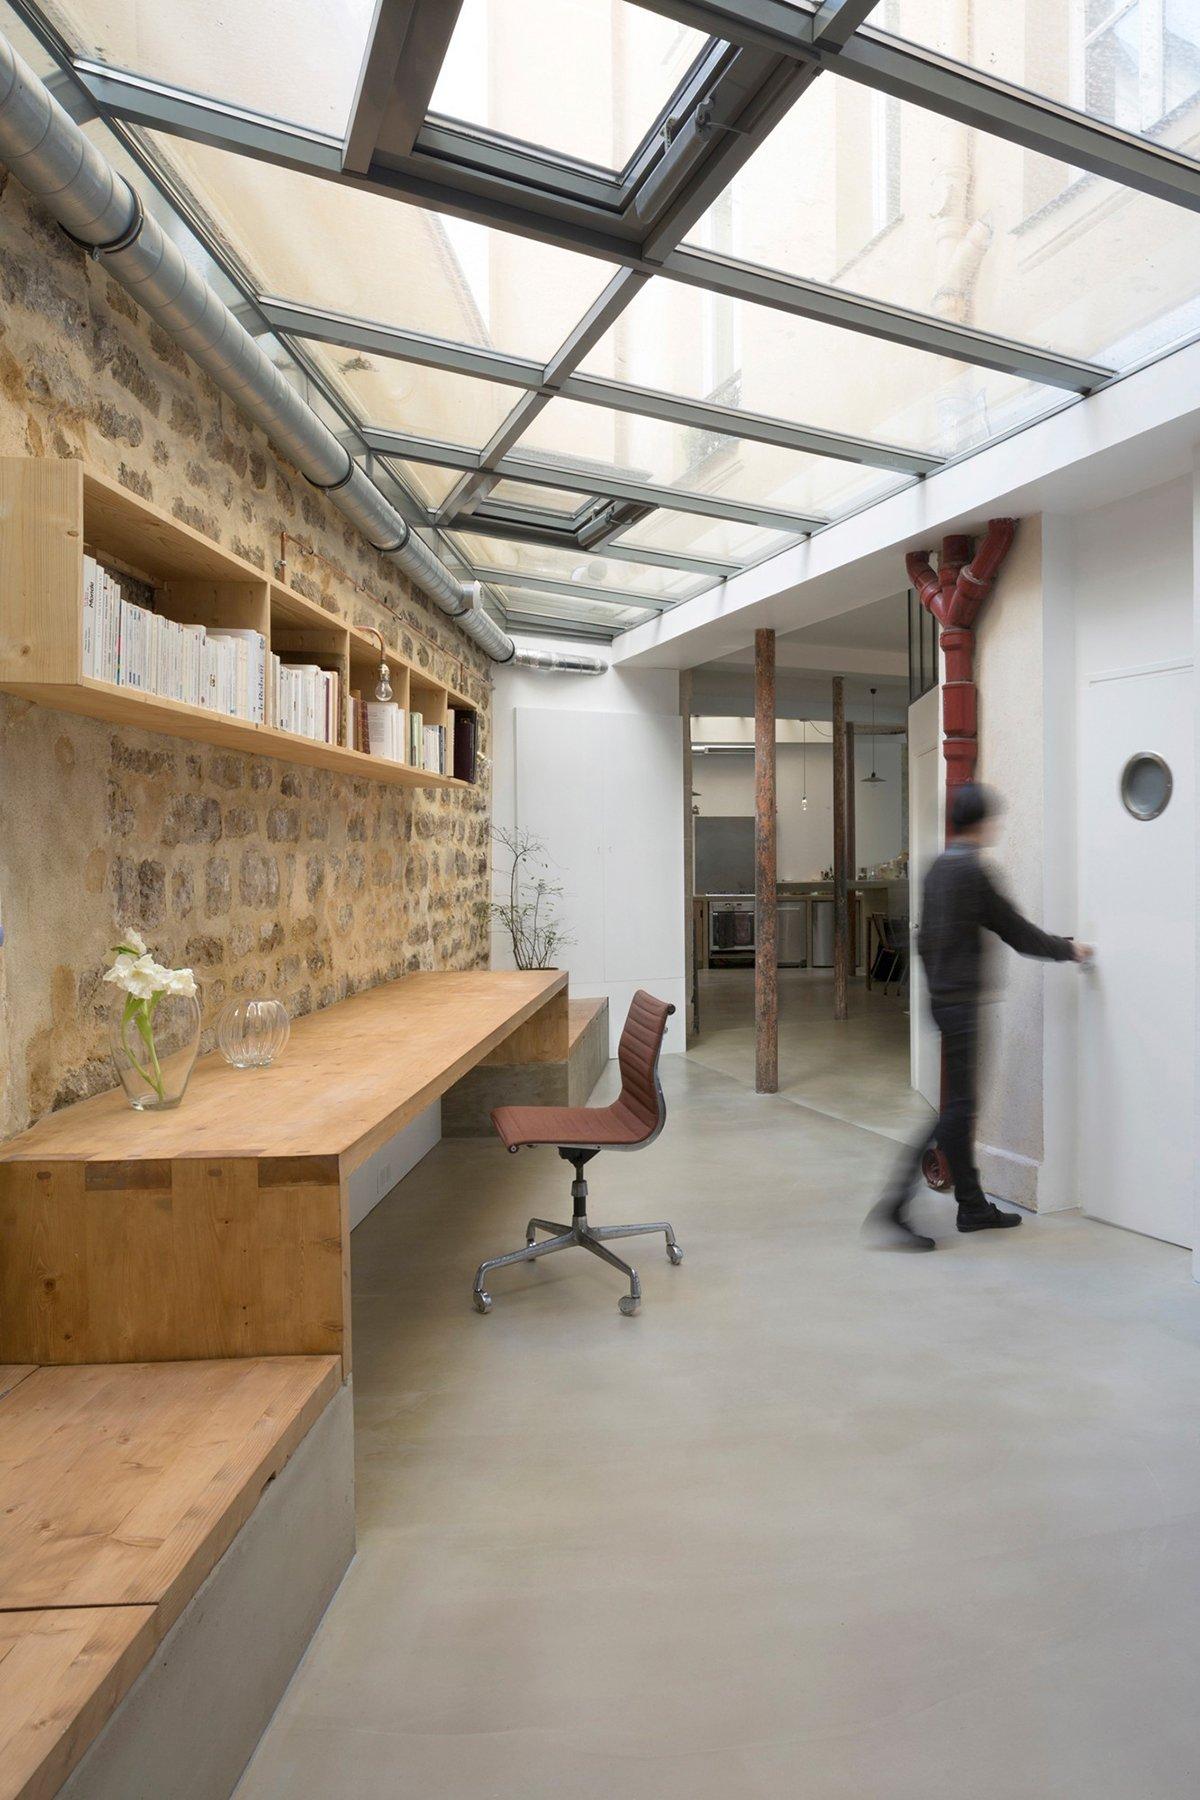 historic-parisian-crafts-shop-converted-into-a-loft-7